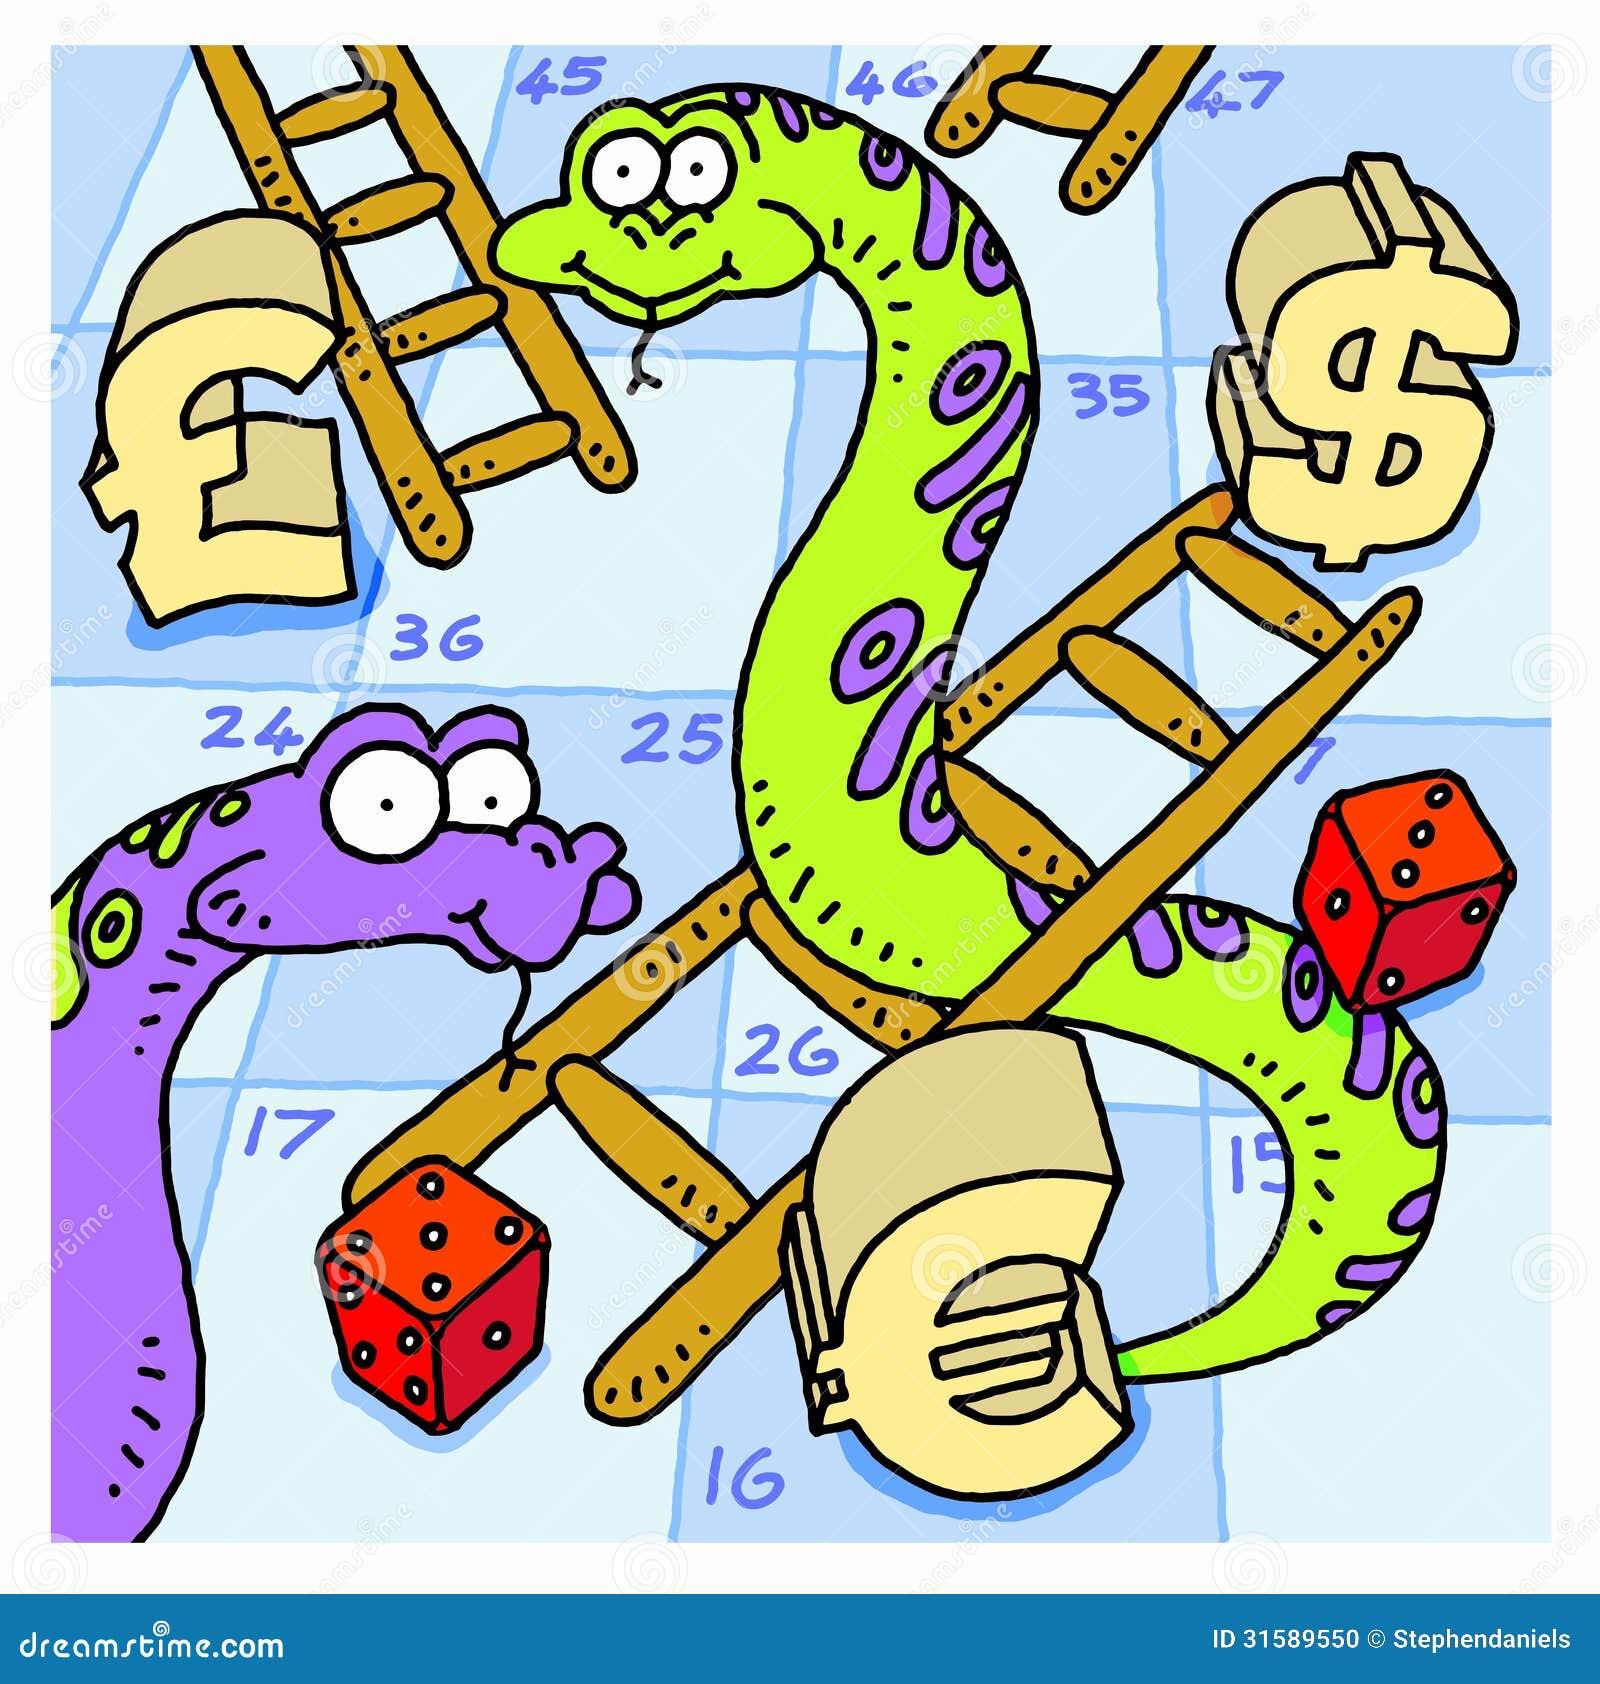 Serpientes y escaleras foto de archivo imagen 31589550 for Escaleras y serpientes imprimir